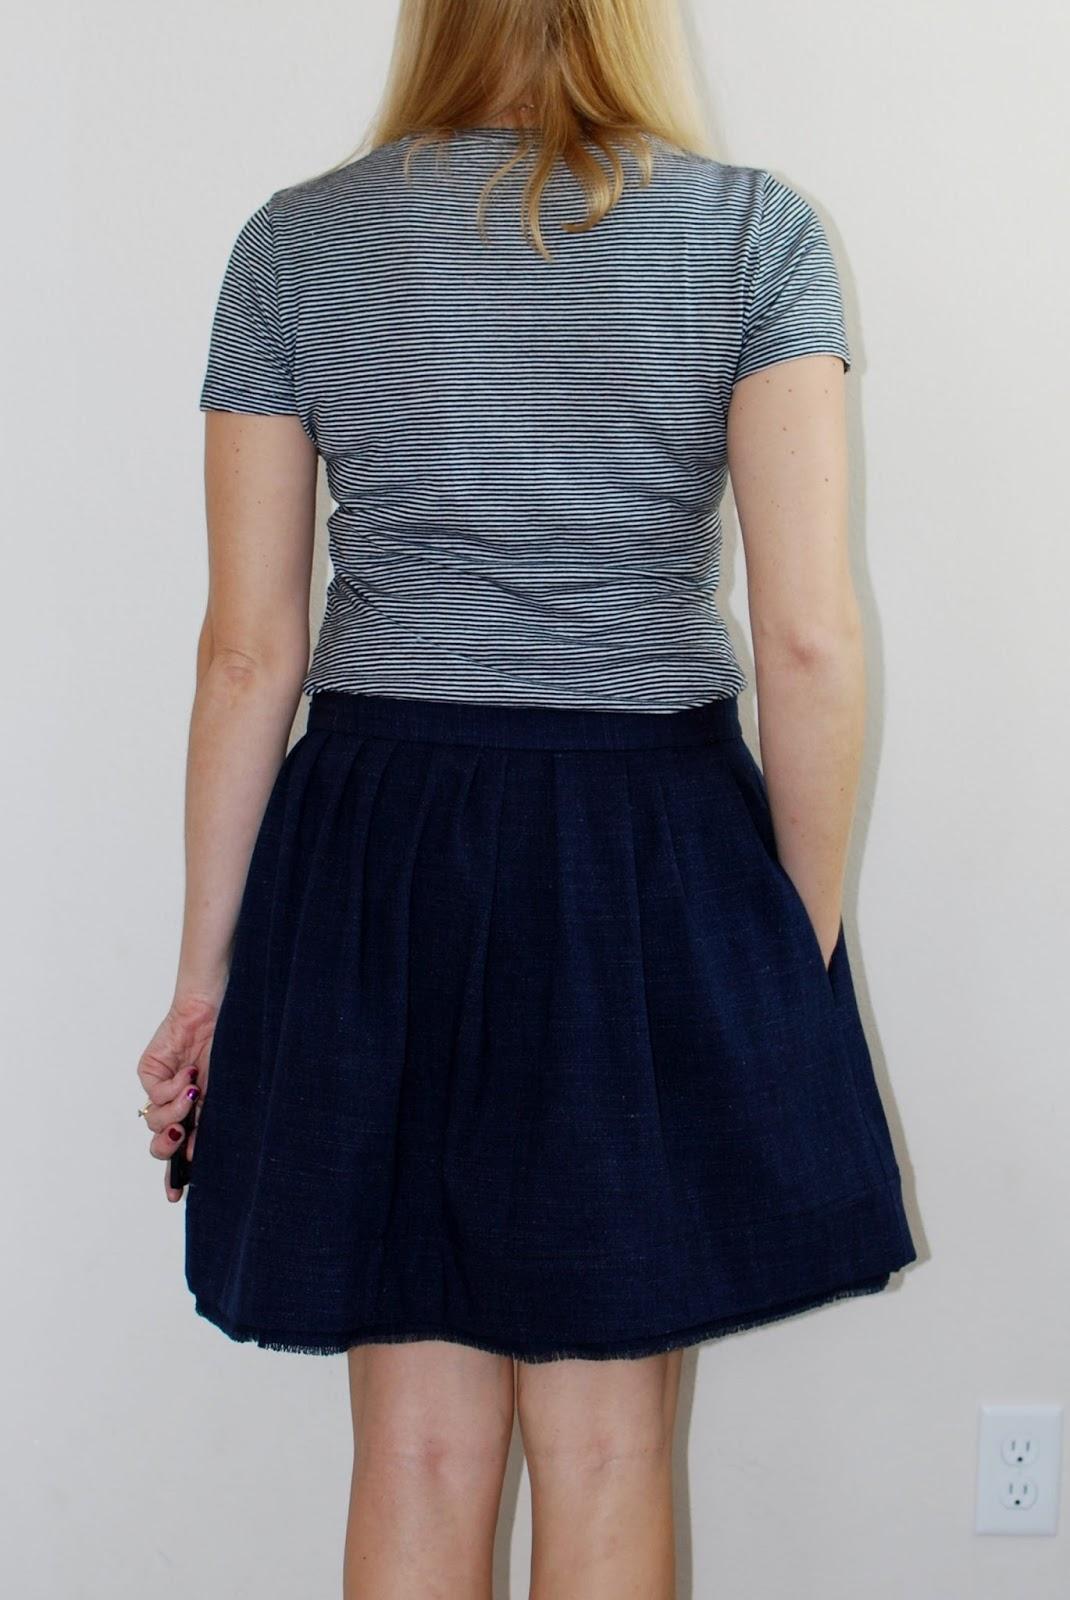 SouthShore Handmade February - How to make designer dress at home